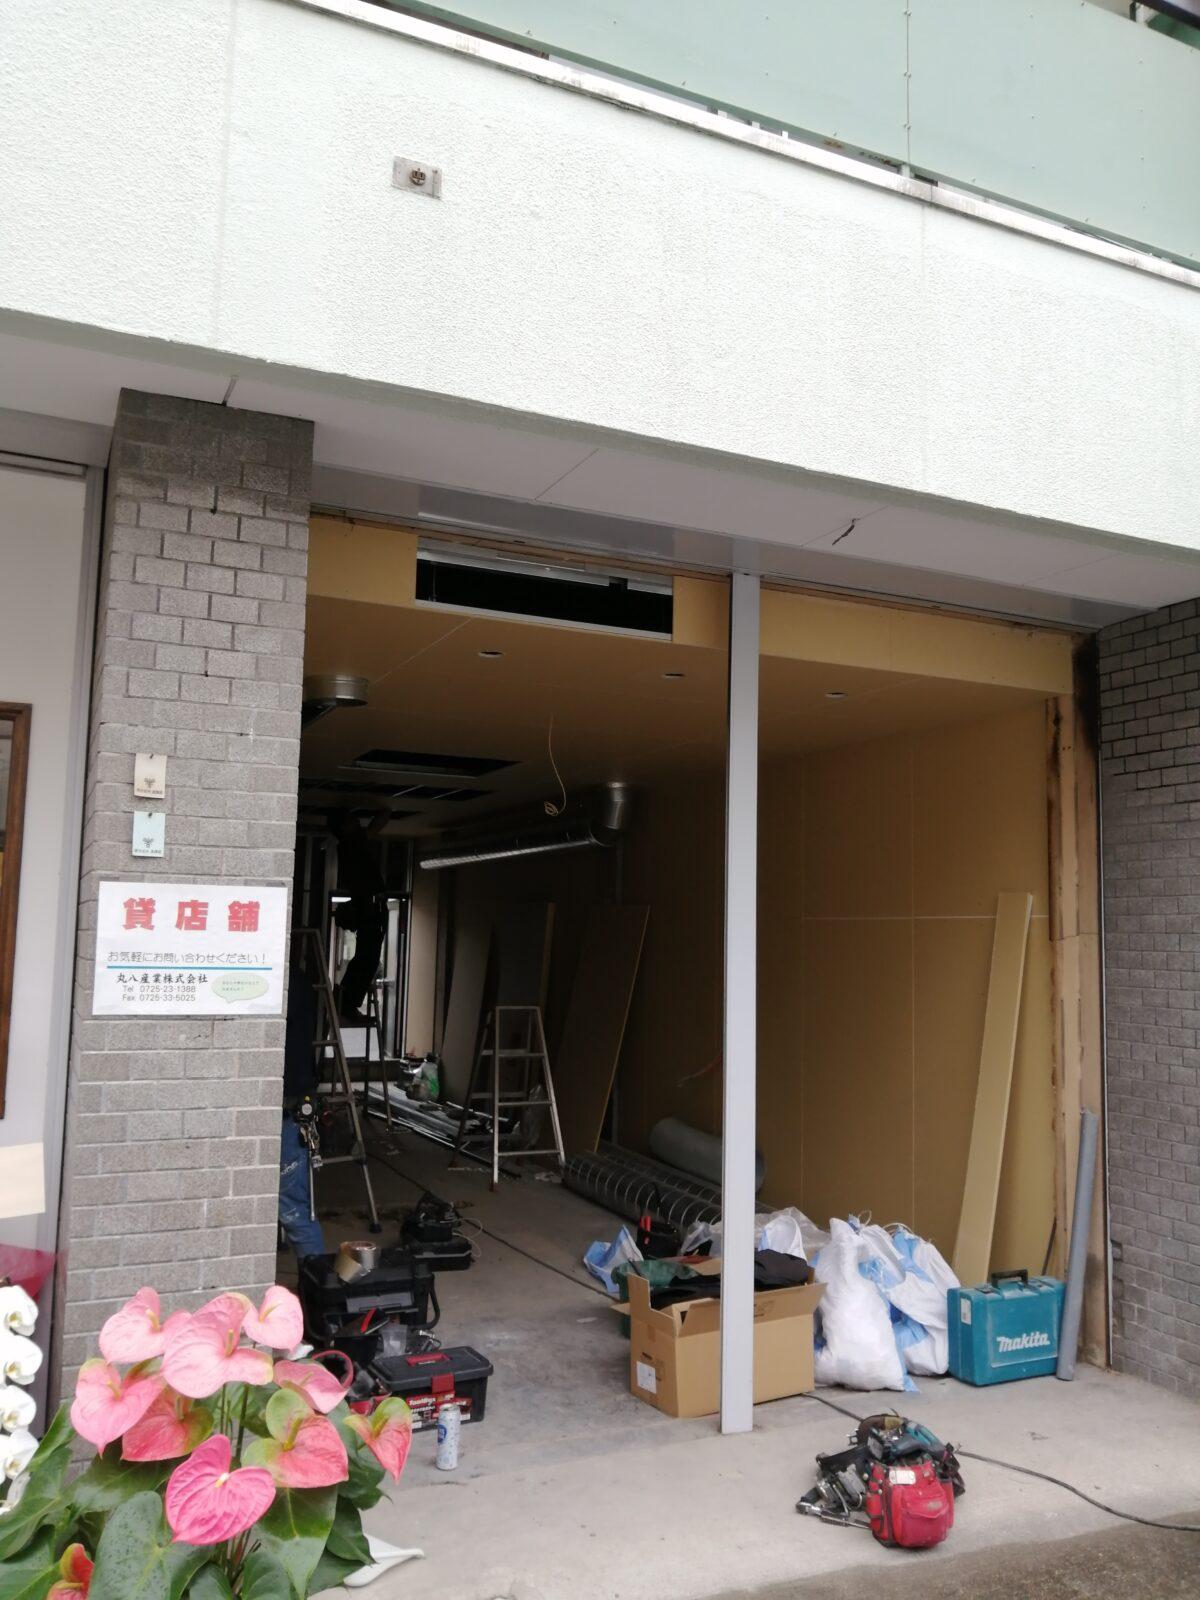 【新店情報】堺市西区津久野駅前・『GEKOテング』並びにまたまた新店がっ!!『Cafe Moca』の隣りにオープン予定のお店は。。。: